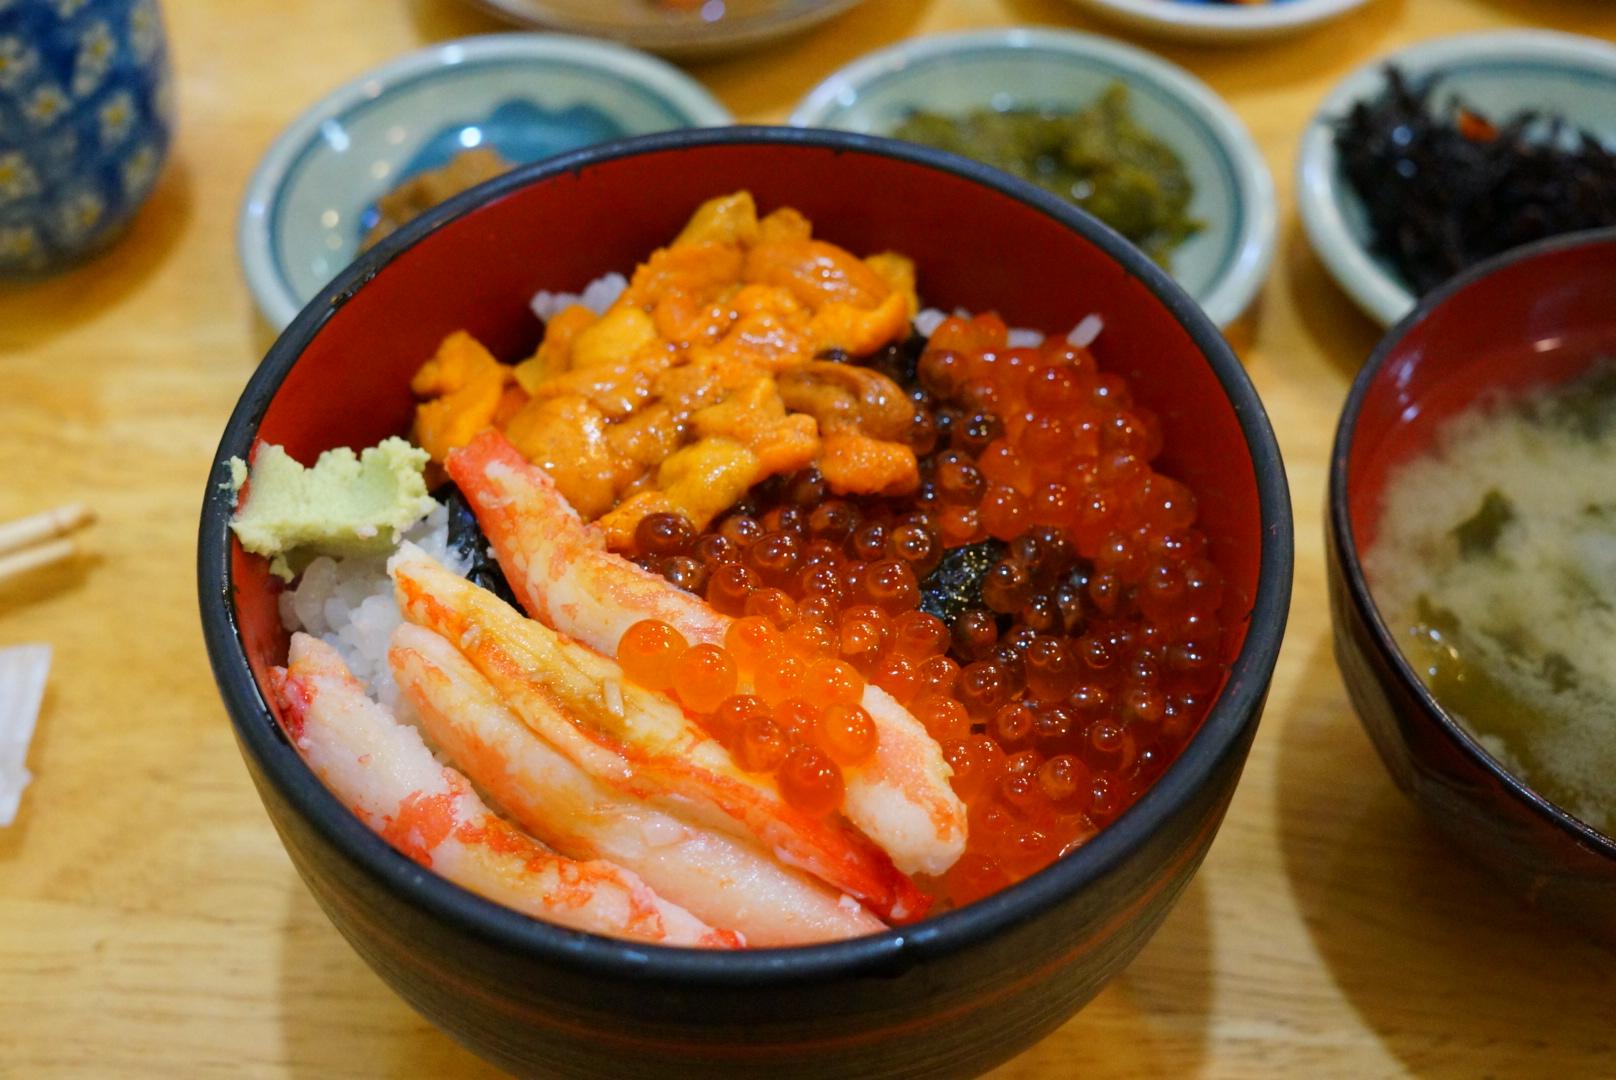 函館来たら朝市の味処 茶夢の函館丼を食べましょう(北海道函館市)